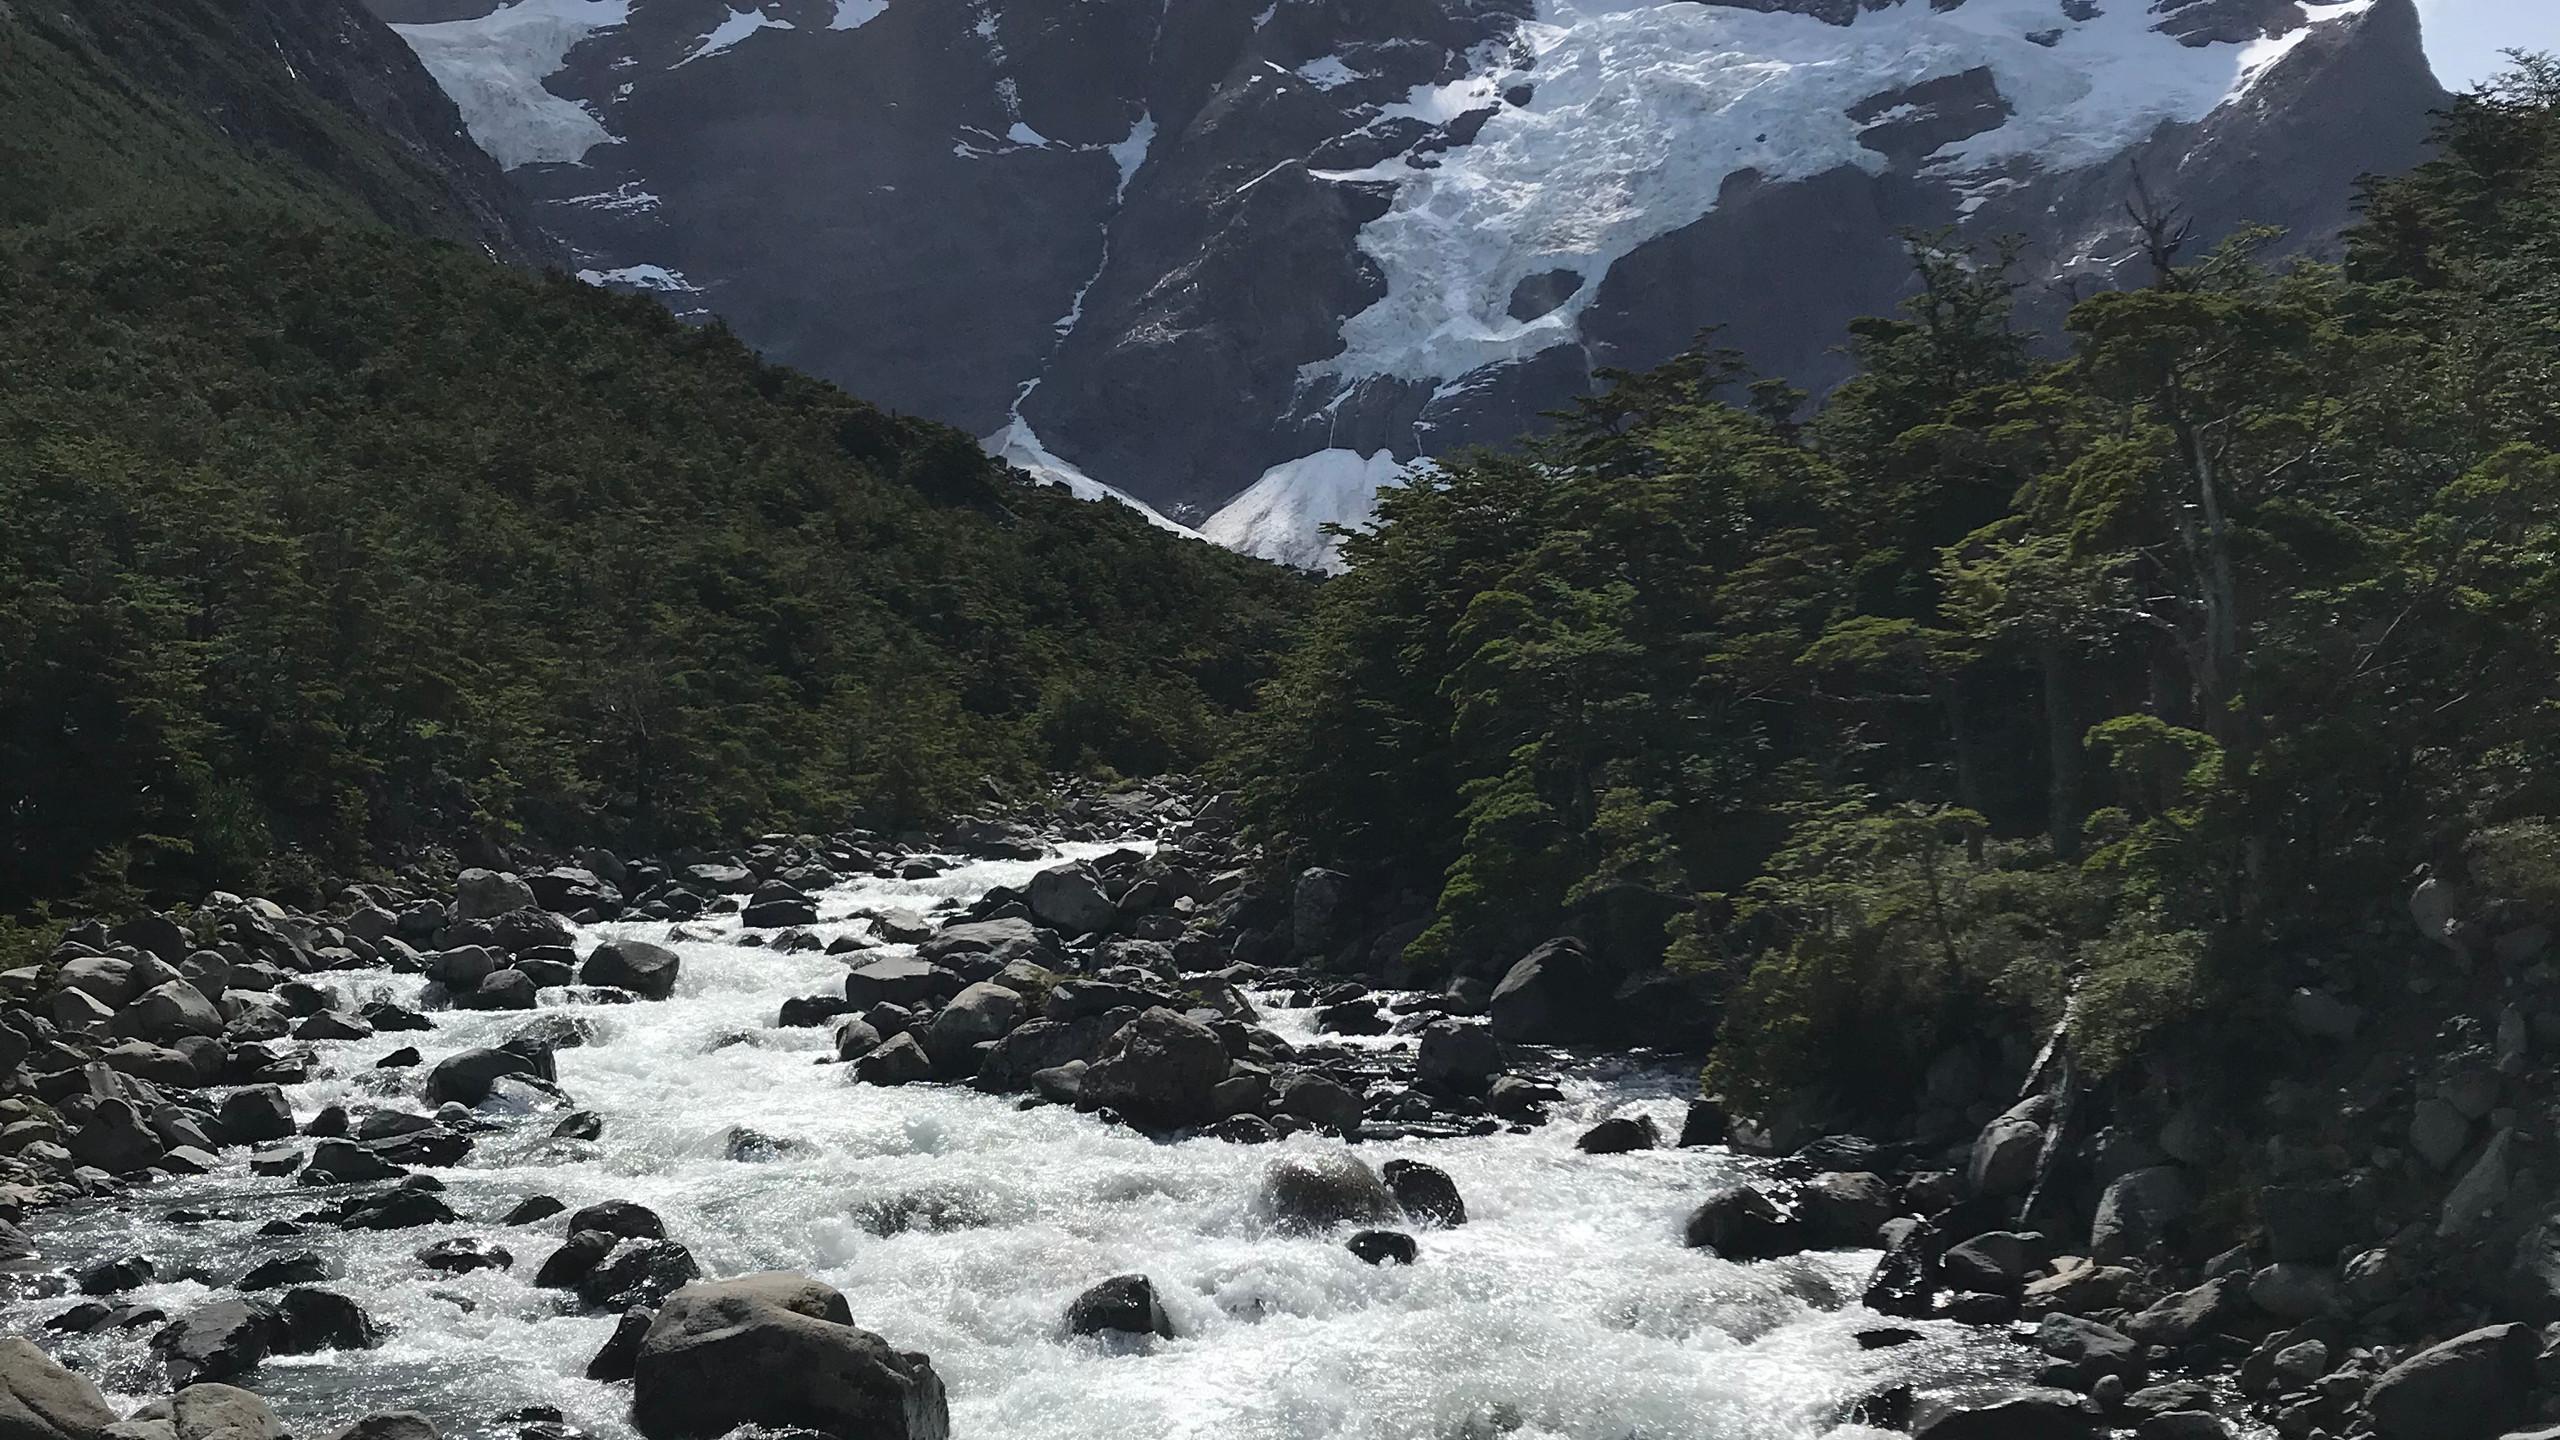 Wanderweg zum Torres del Paine mit Flussquellen und einer Schneelandschaft im Hintergrund